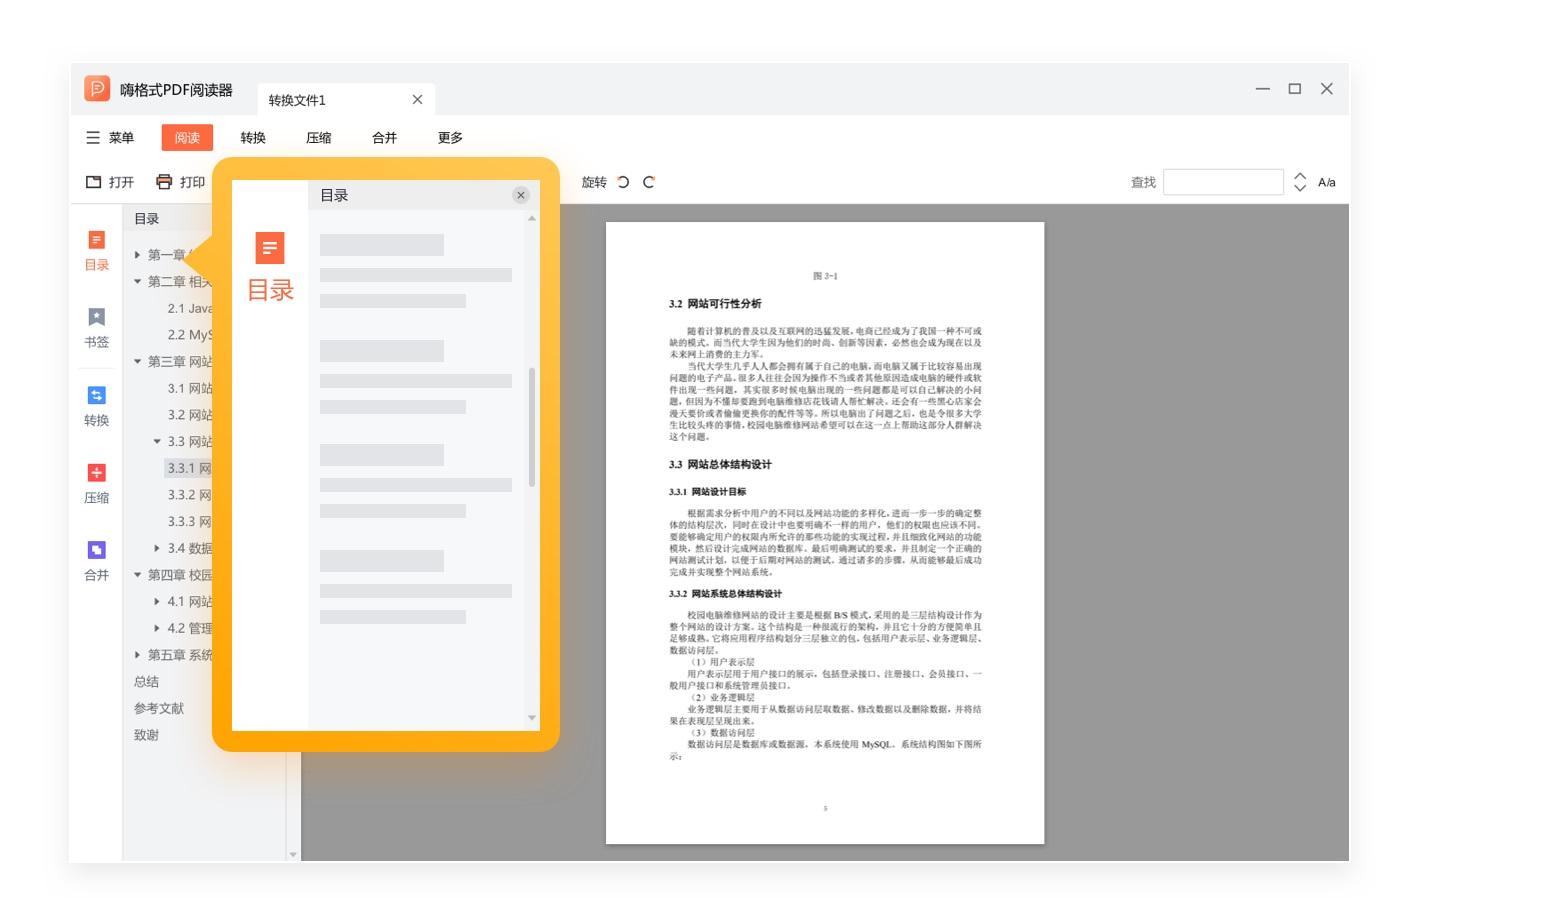 嗨格式PDF阅读器官方最新版免费下载